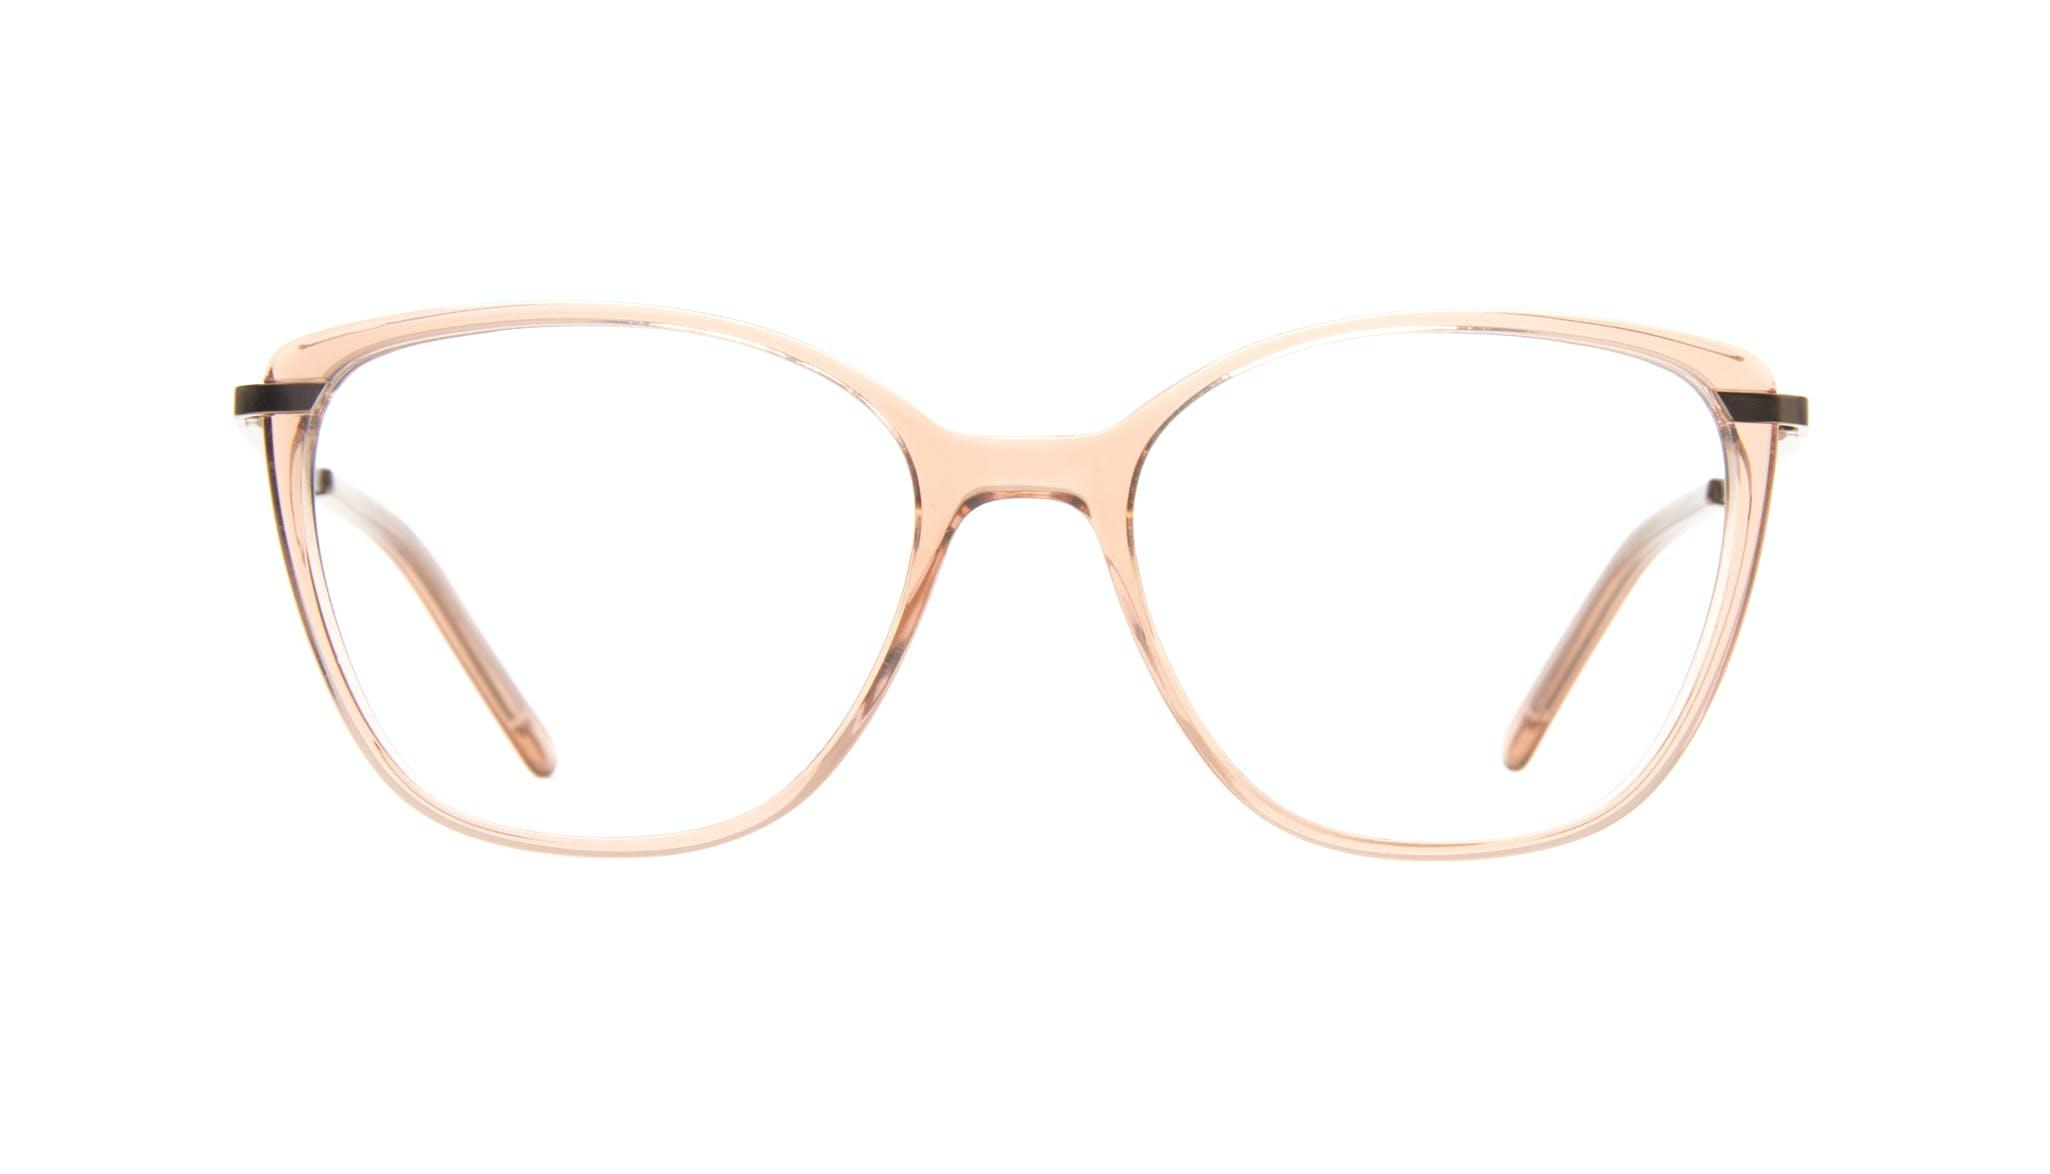 Lunettes tendance Oeil de chat Rectangle Carrée Lunettes de vue Femmes Illusion Rose Face